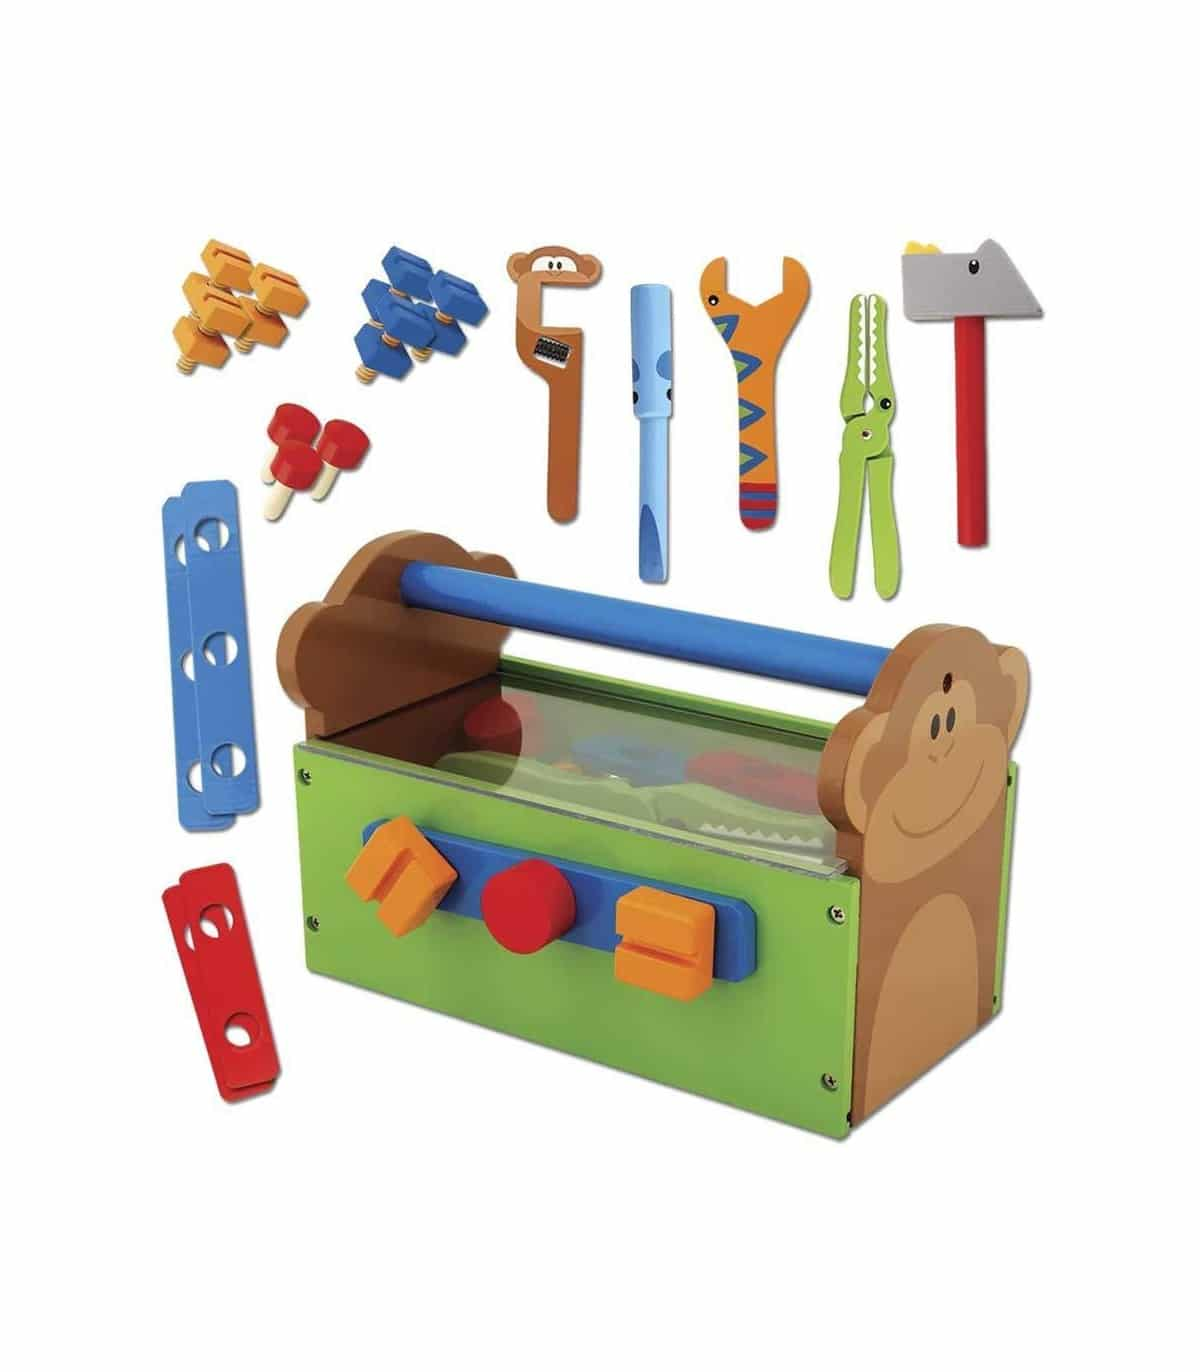 Caja de herramientas madera 5231063 | FERAN | Juguetes